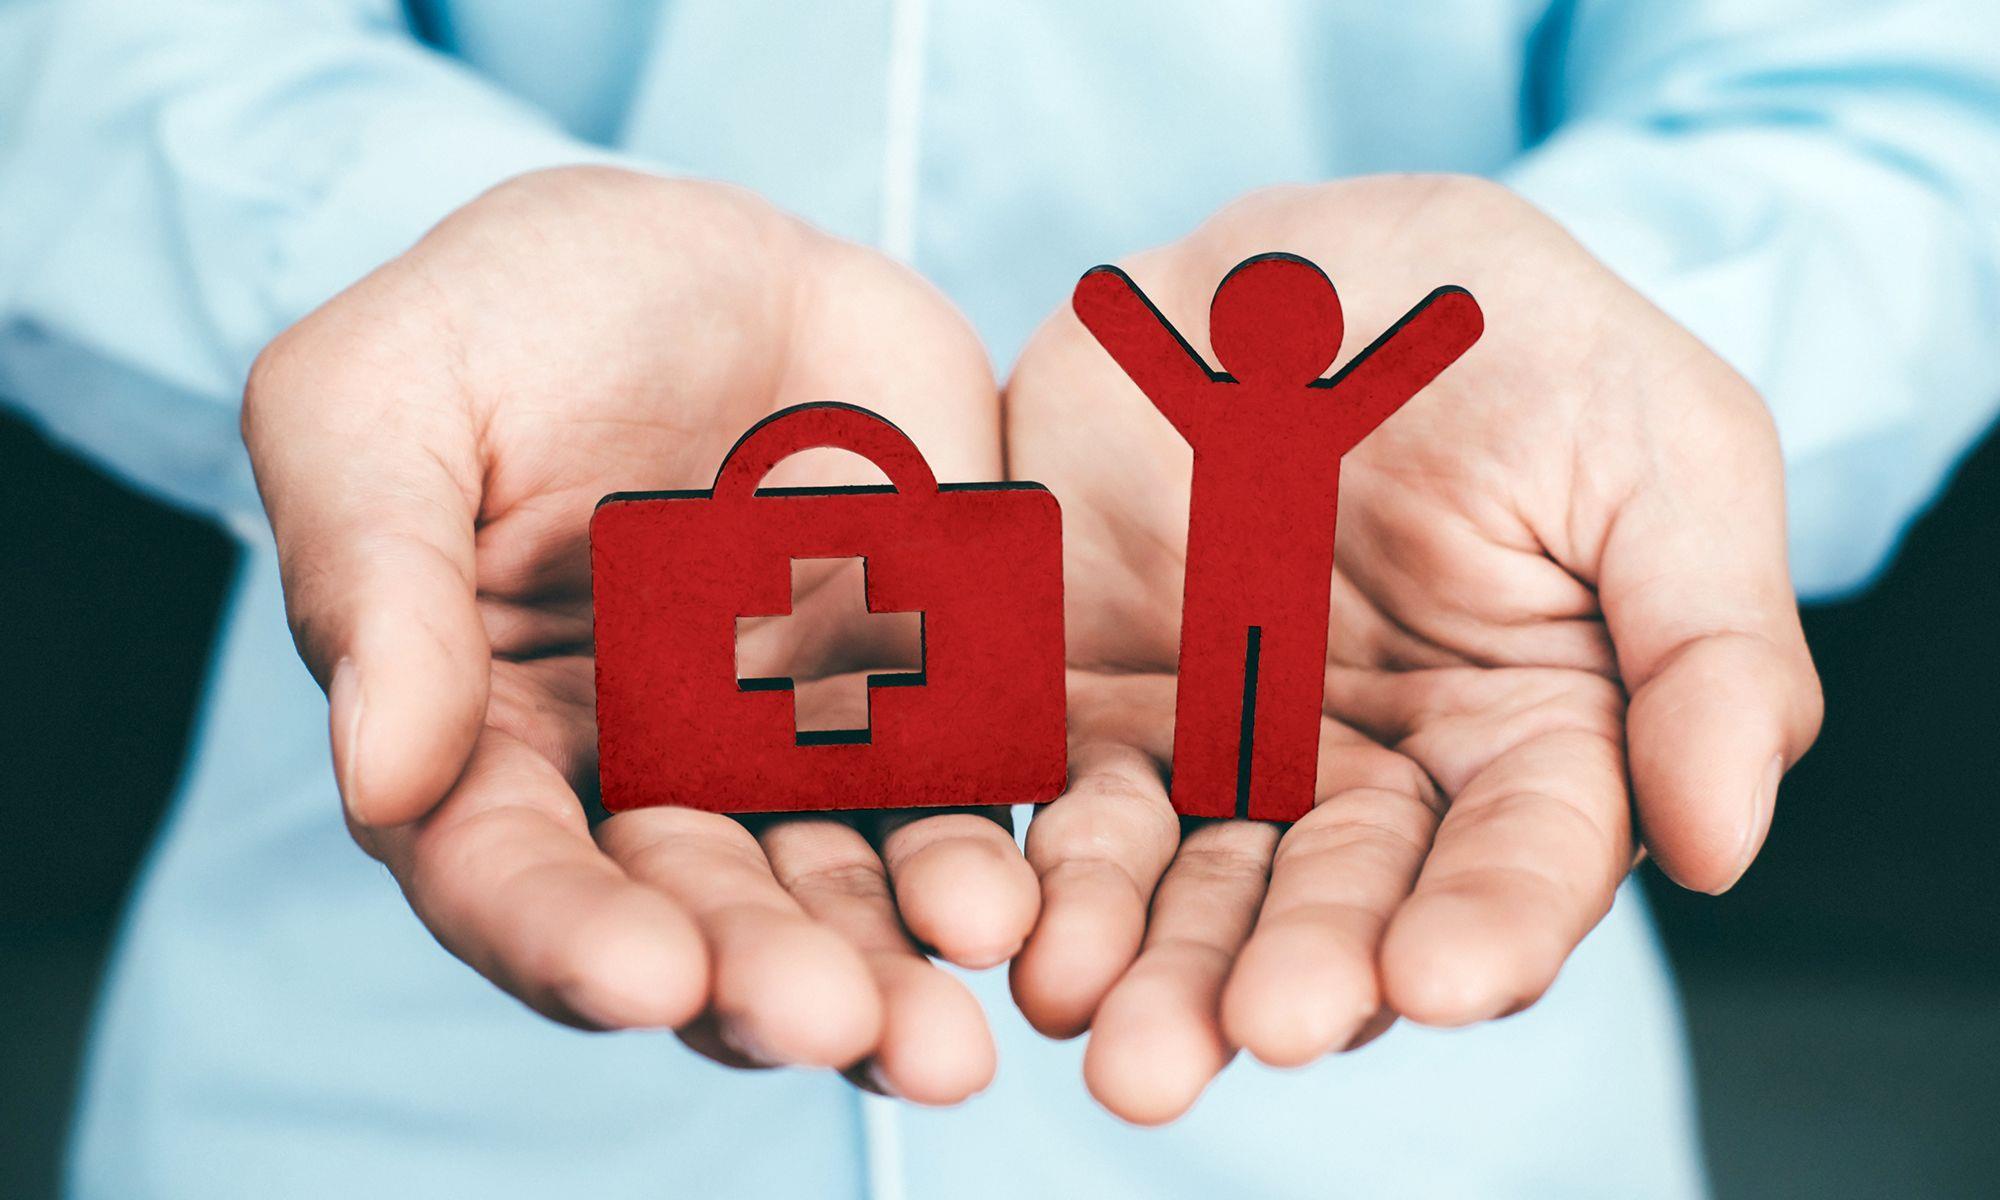 seguro, vida, fem, cut, auxílio, convenção, cláusula, social, Divulgação